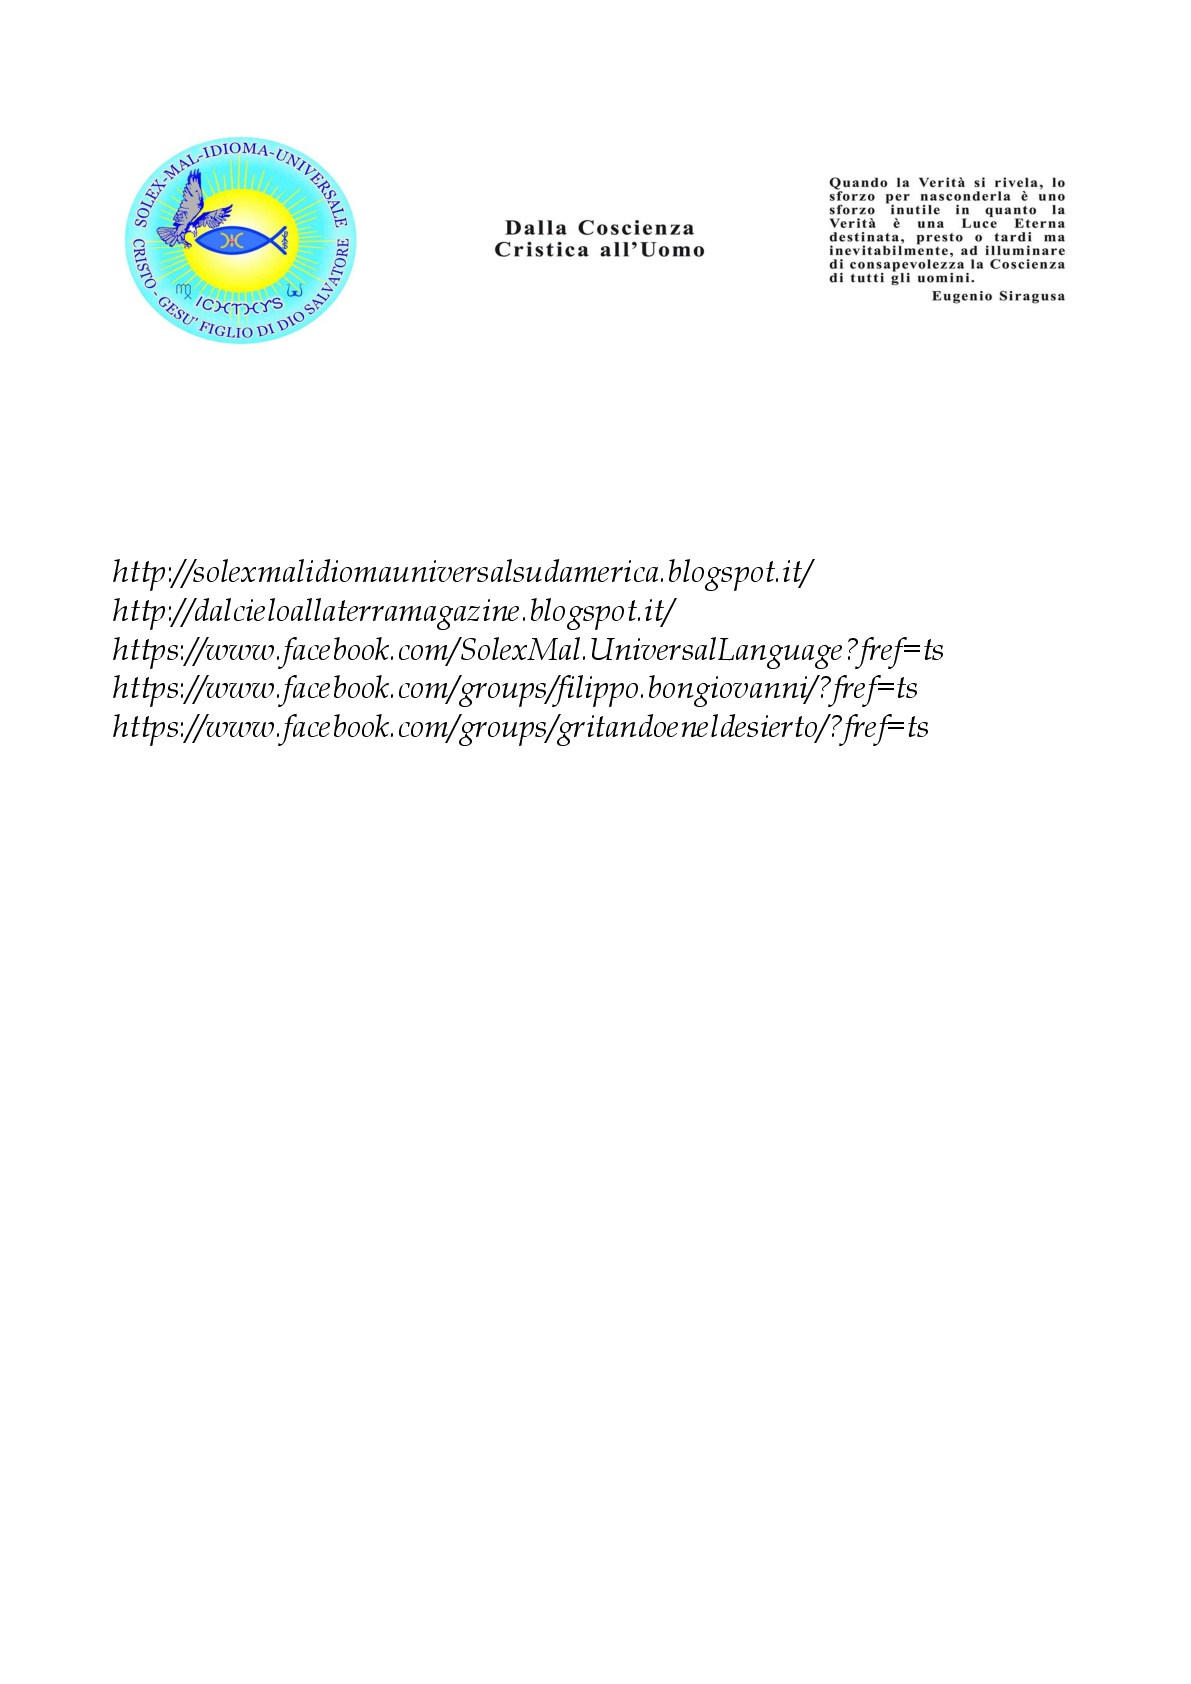 lettera-al-nuovo-segretario-generale-dellonu-il-portogese-dott-antonio-guterres-003